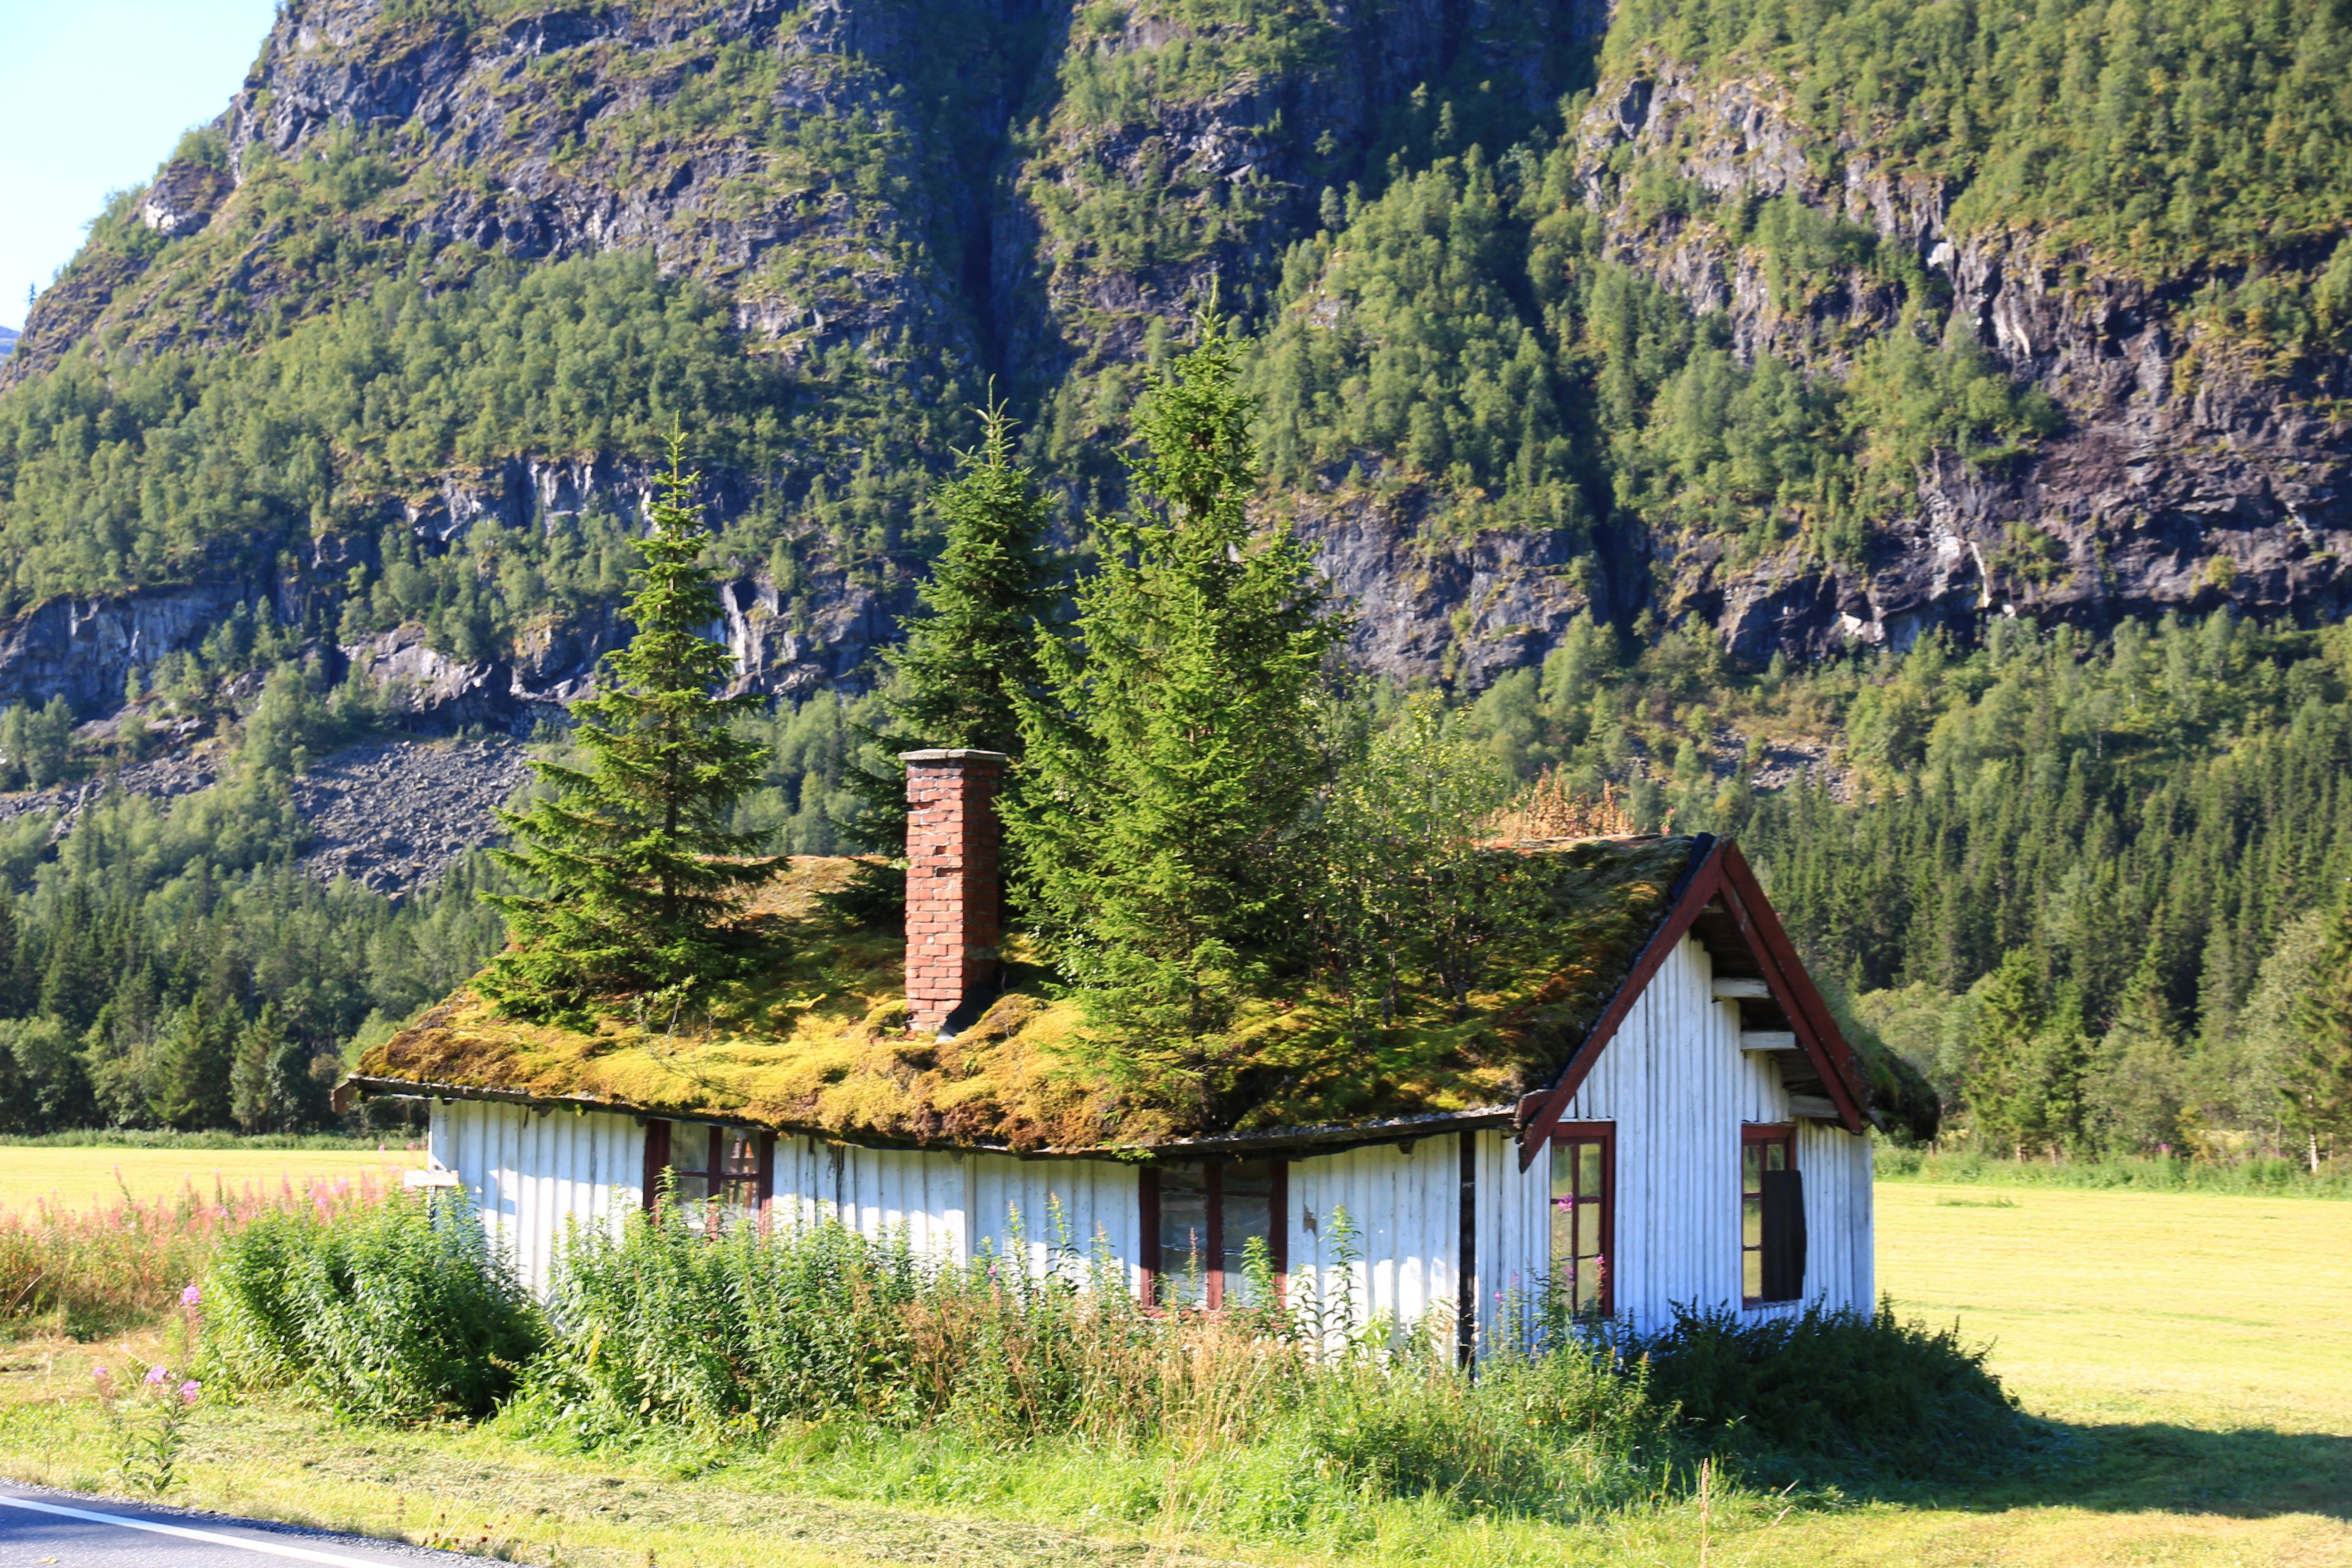 Gratis Dating I Norge Hemsedal For